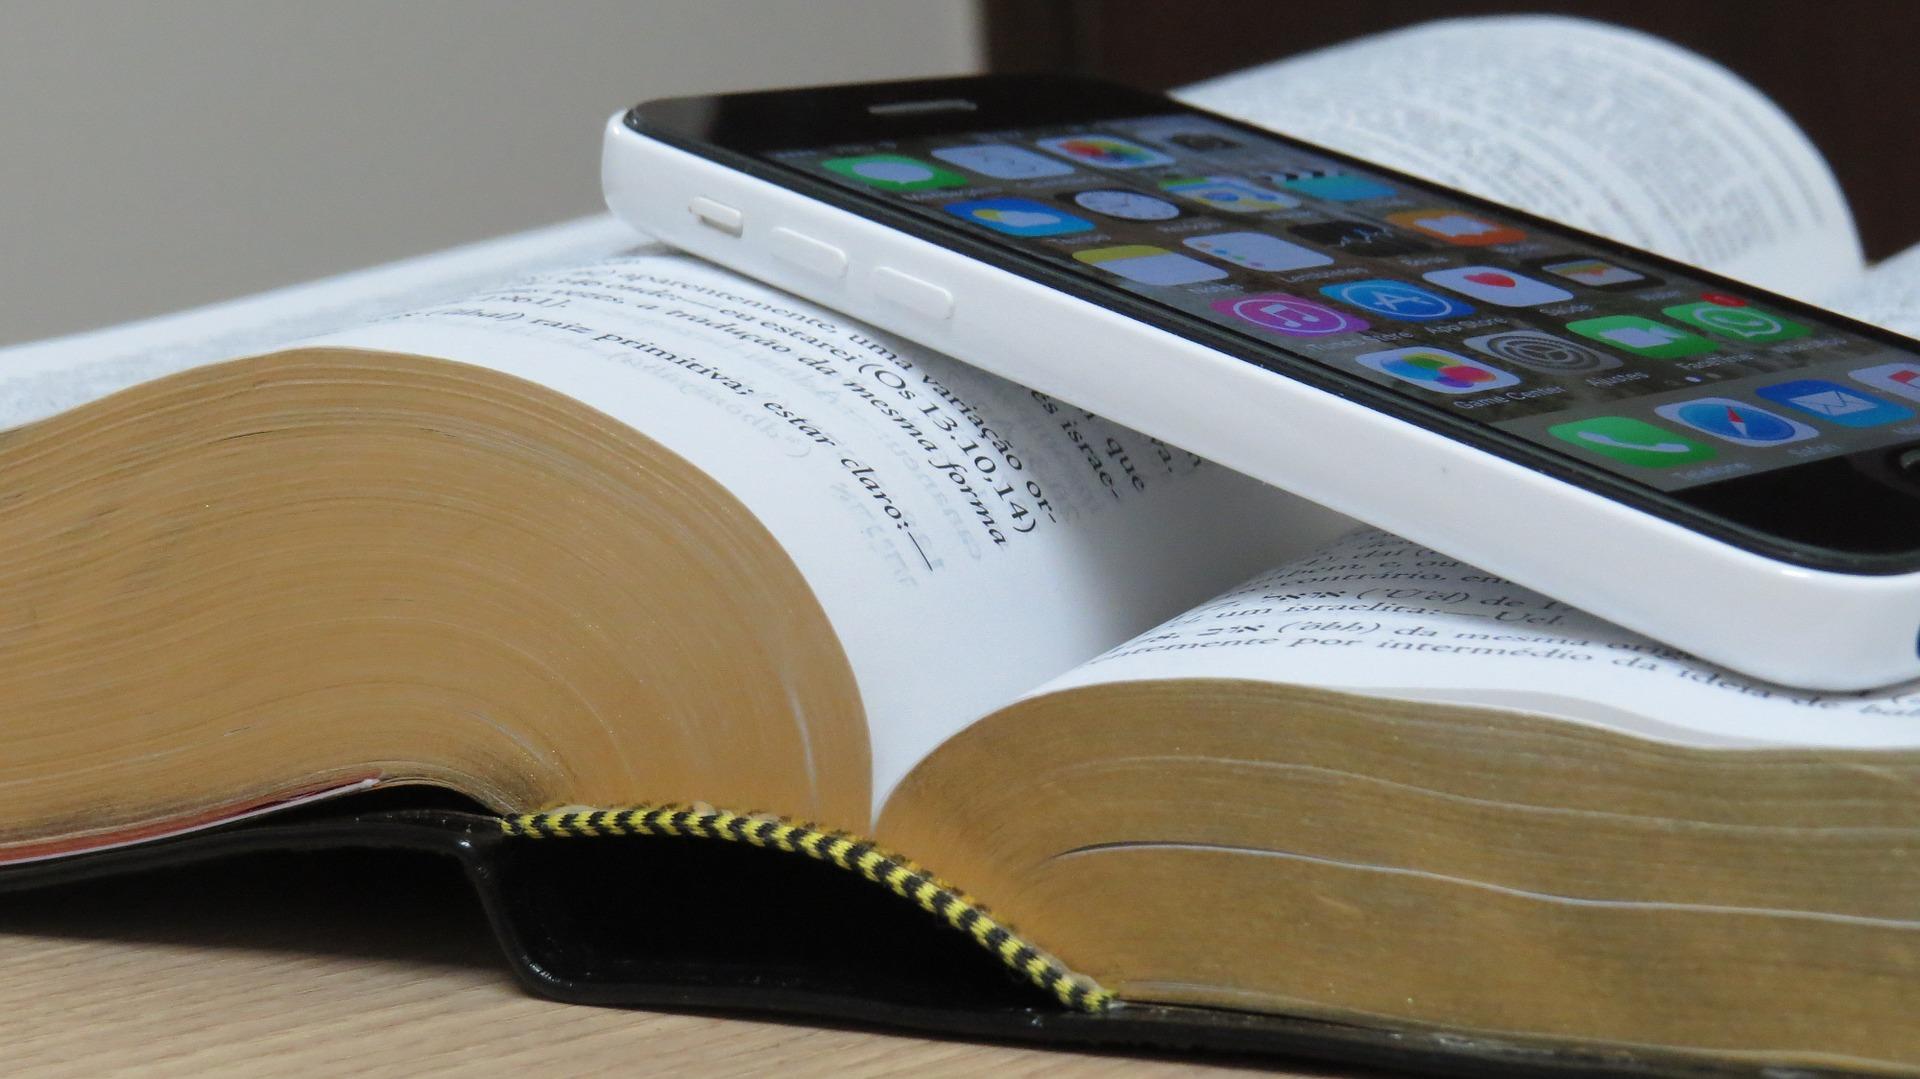 bible-1021657_1920.jpg